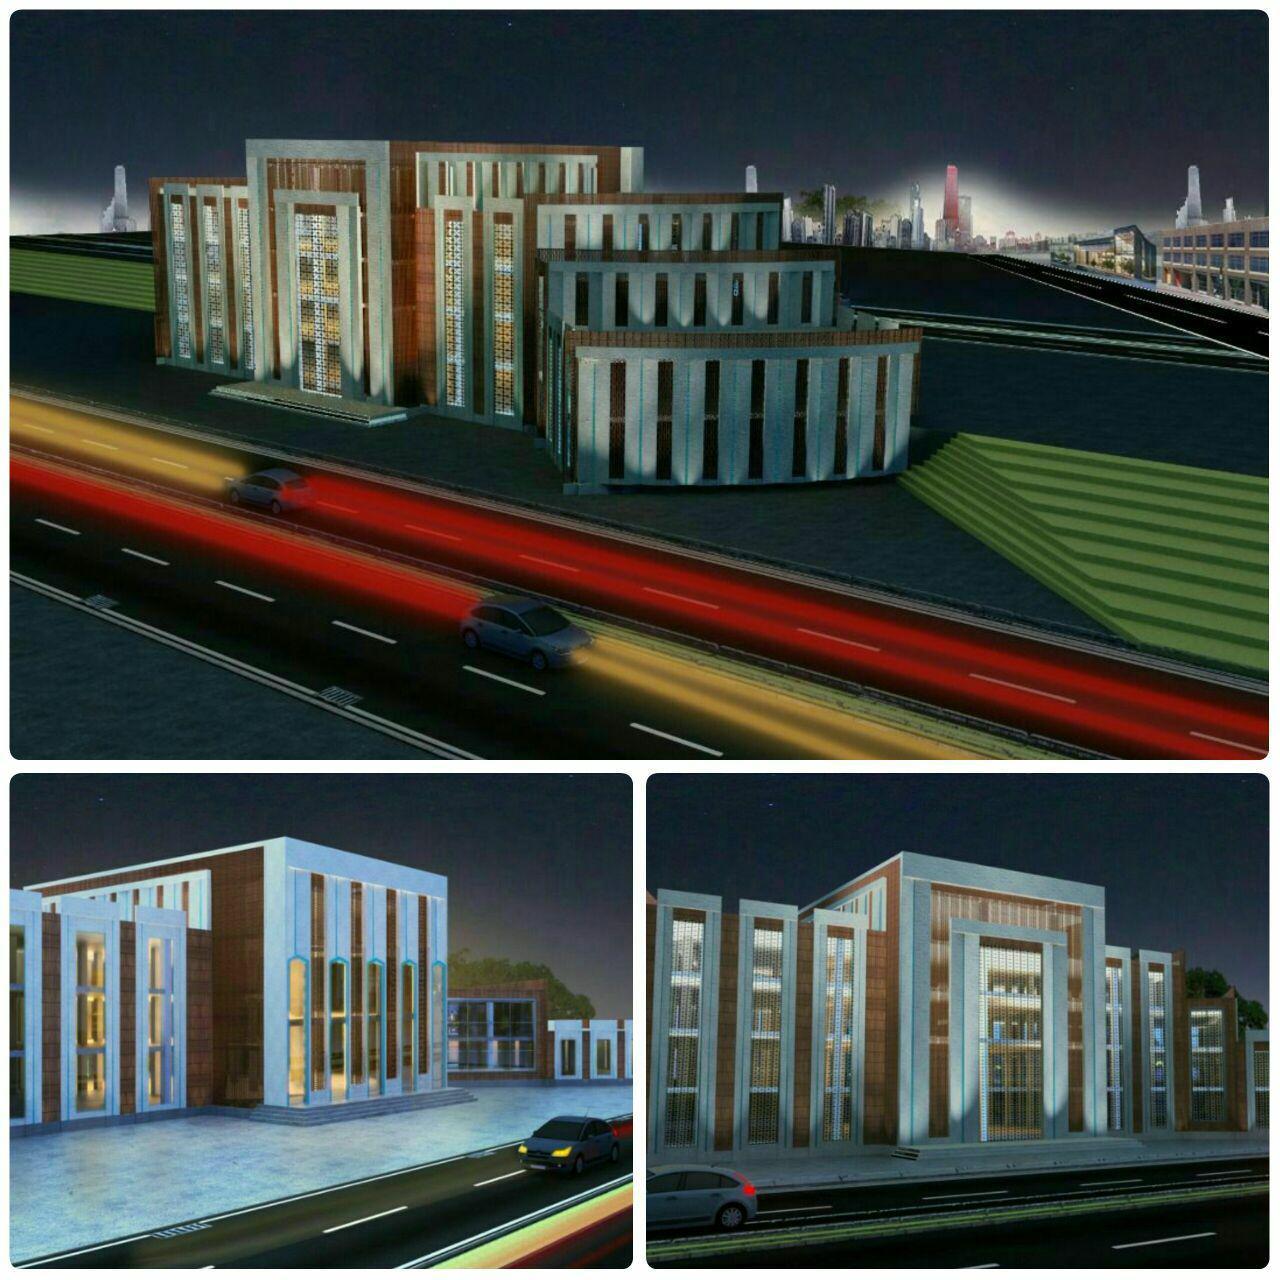 شهرداری پرند صاحبخانه می شود/ عملیات احداث ساختمان مرکزی شهرداری آغاز شد